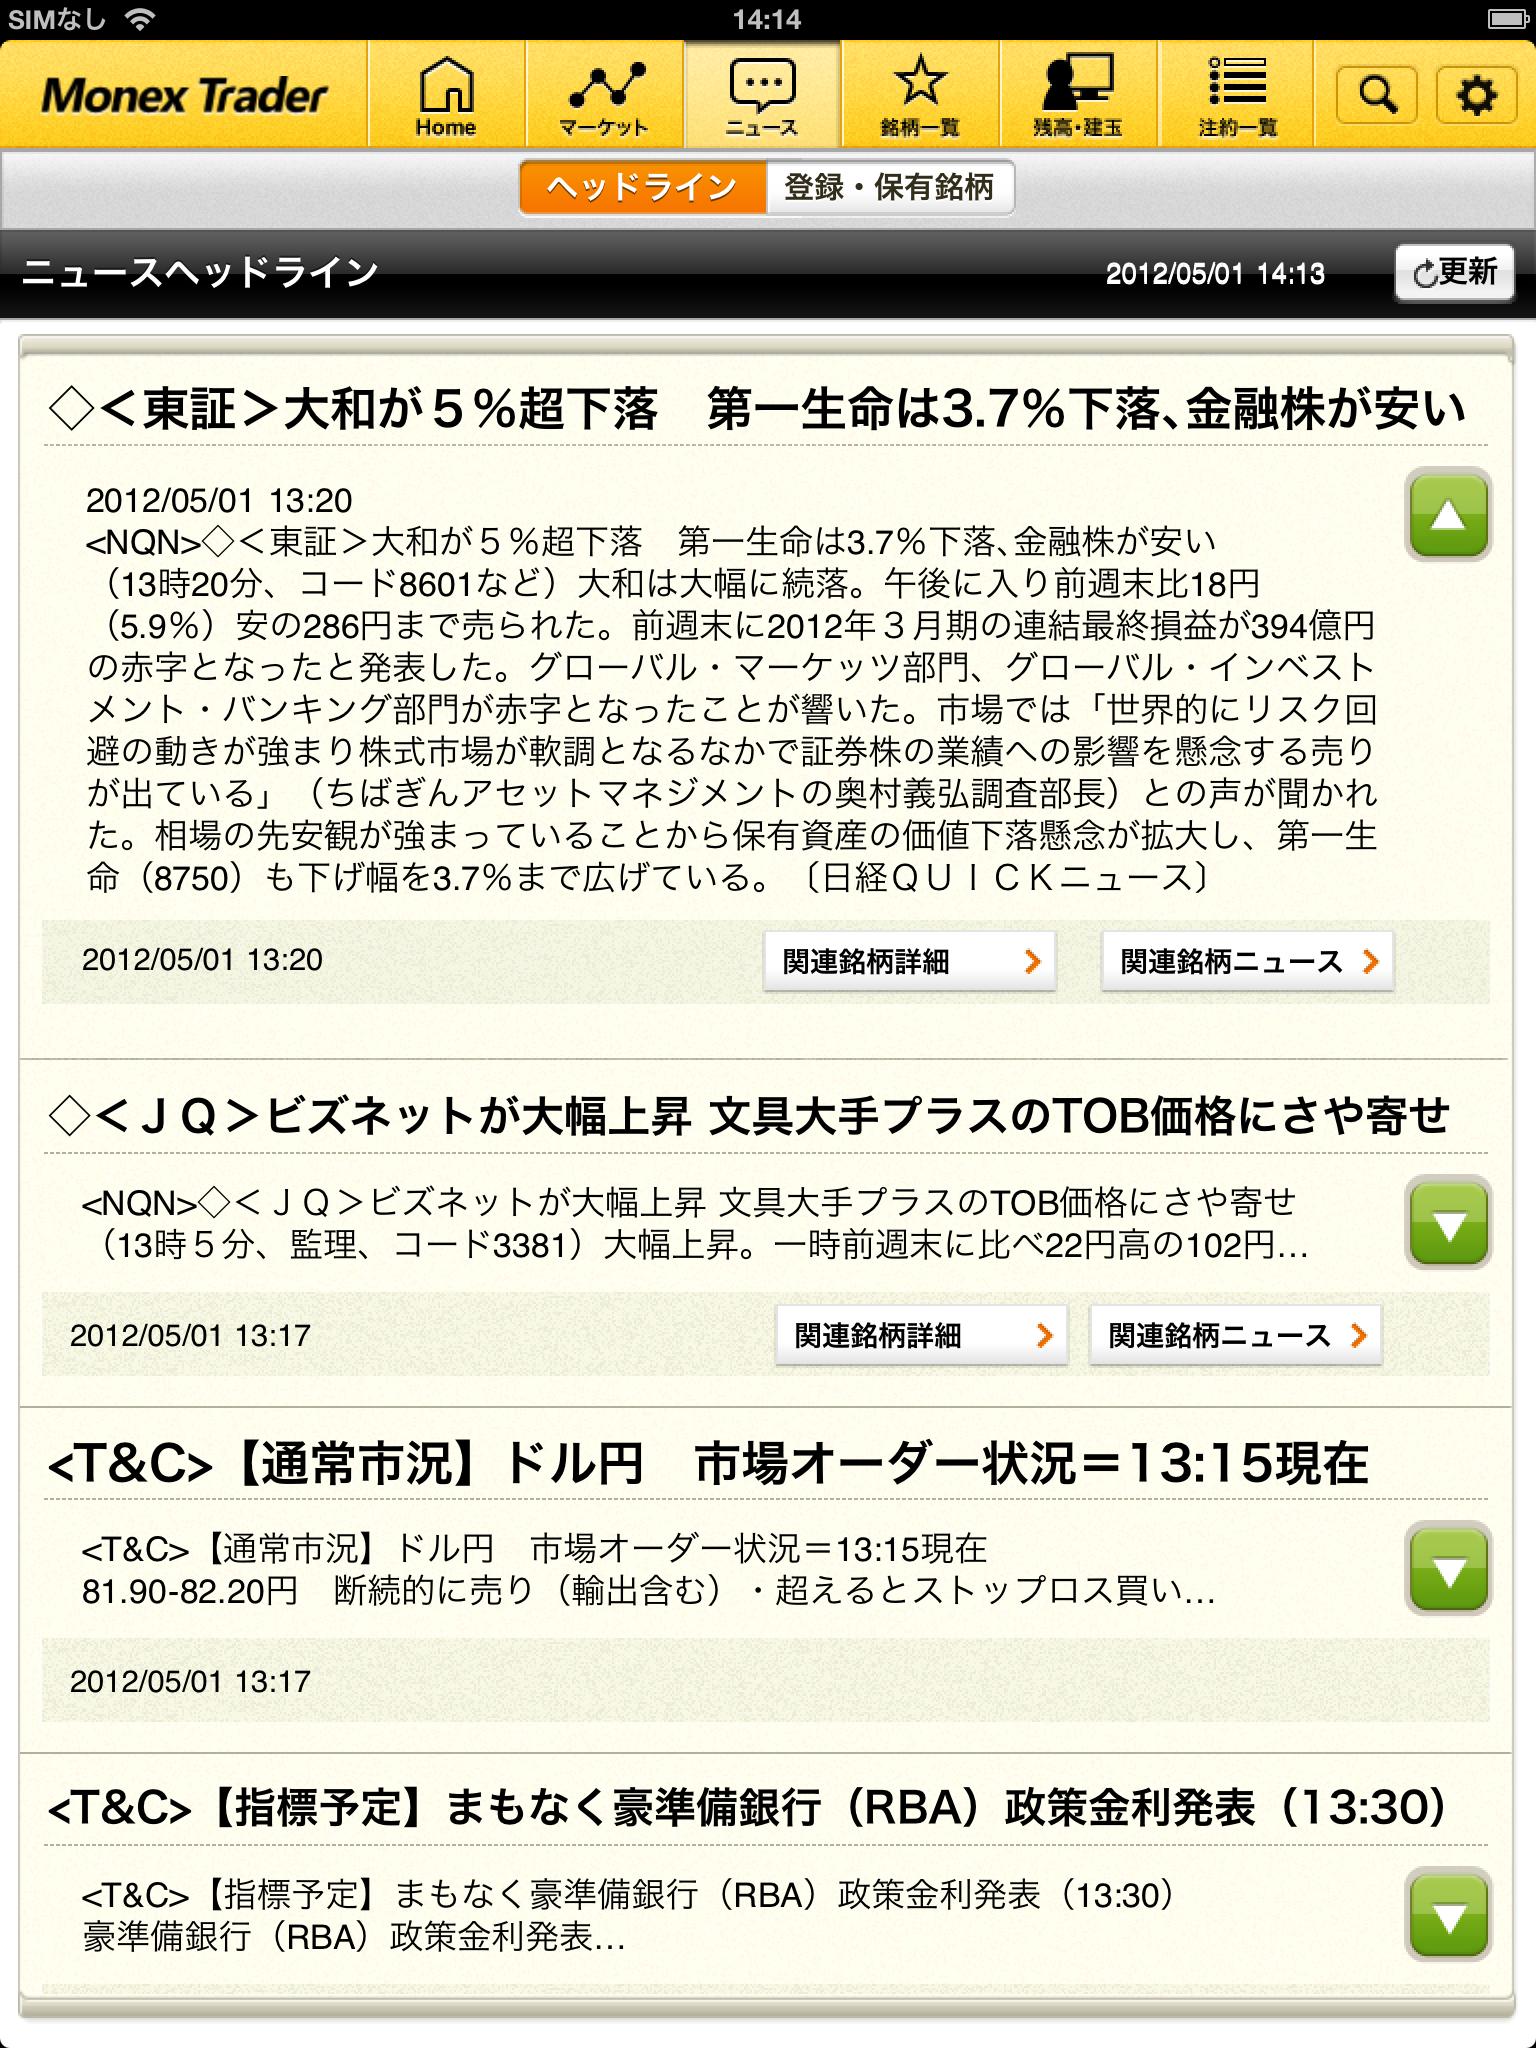 マネックストレーダー for iPadの画面3